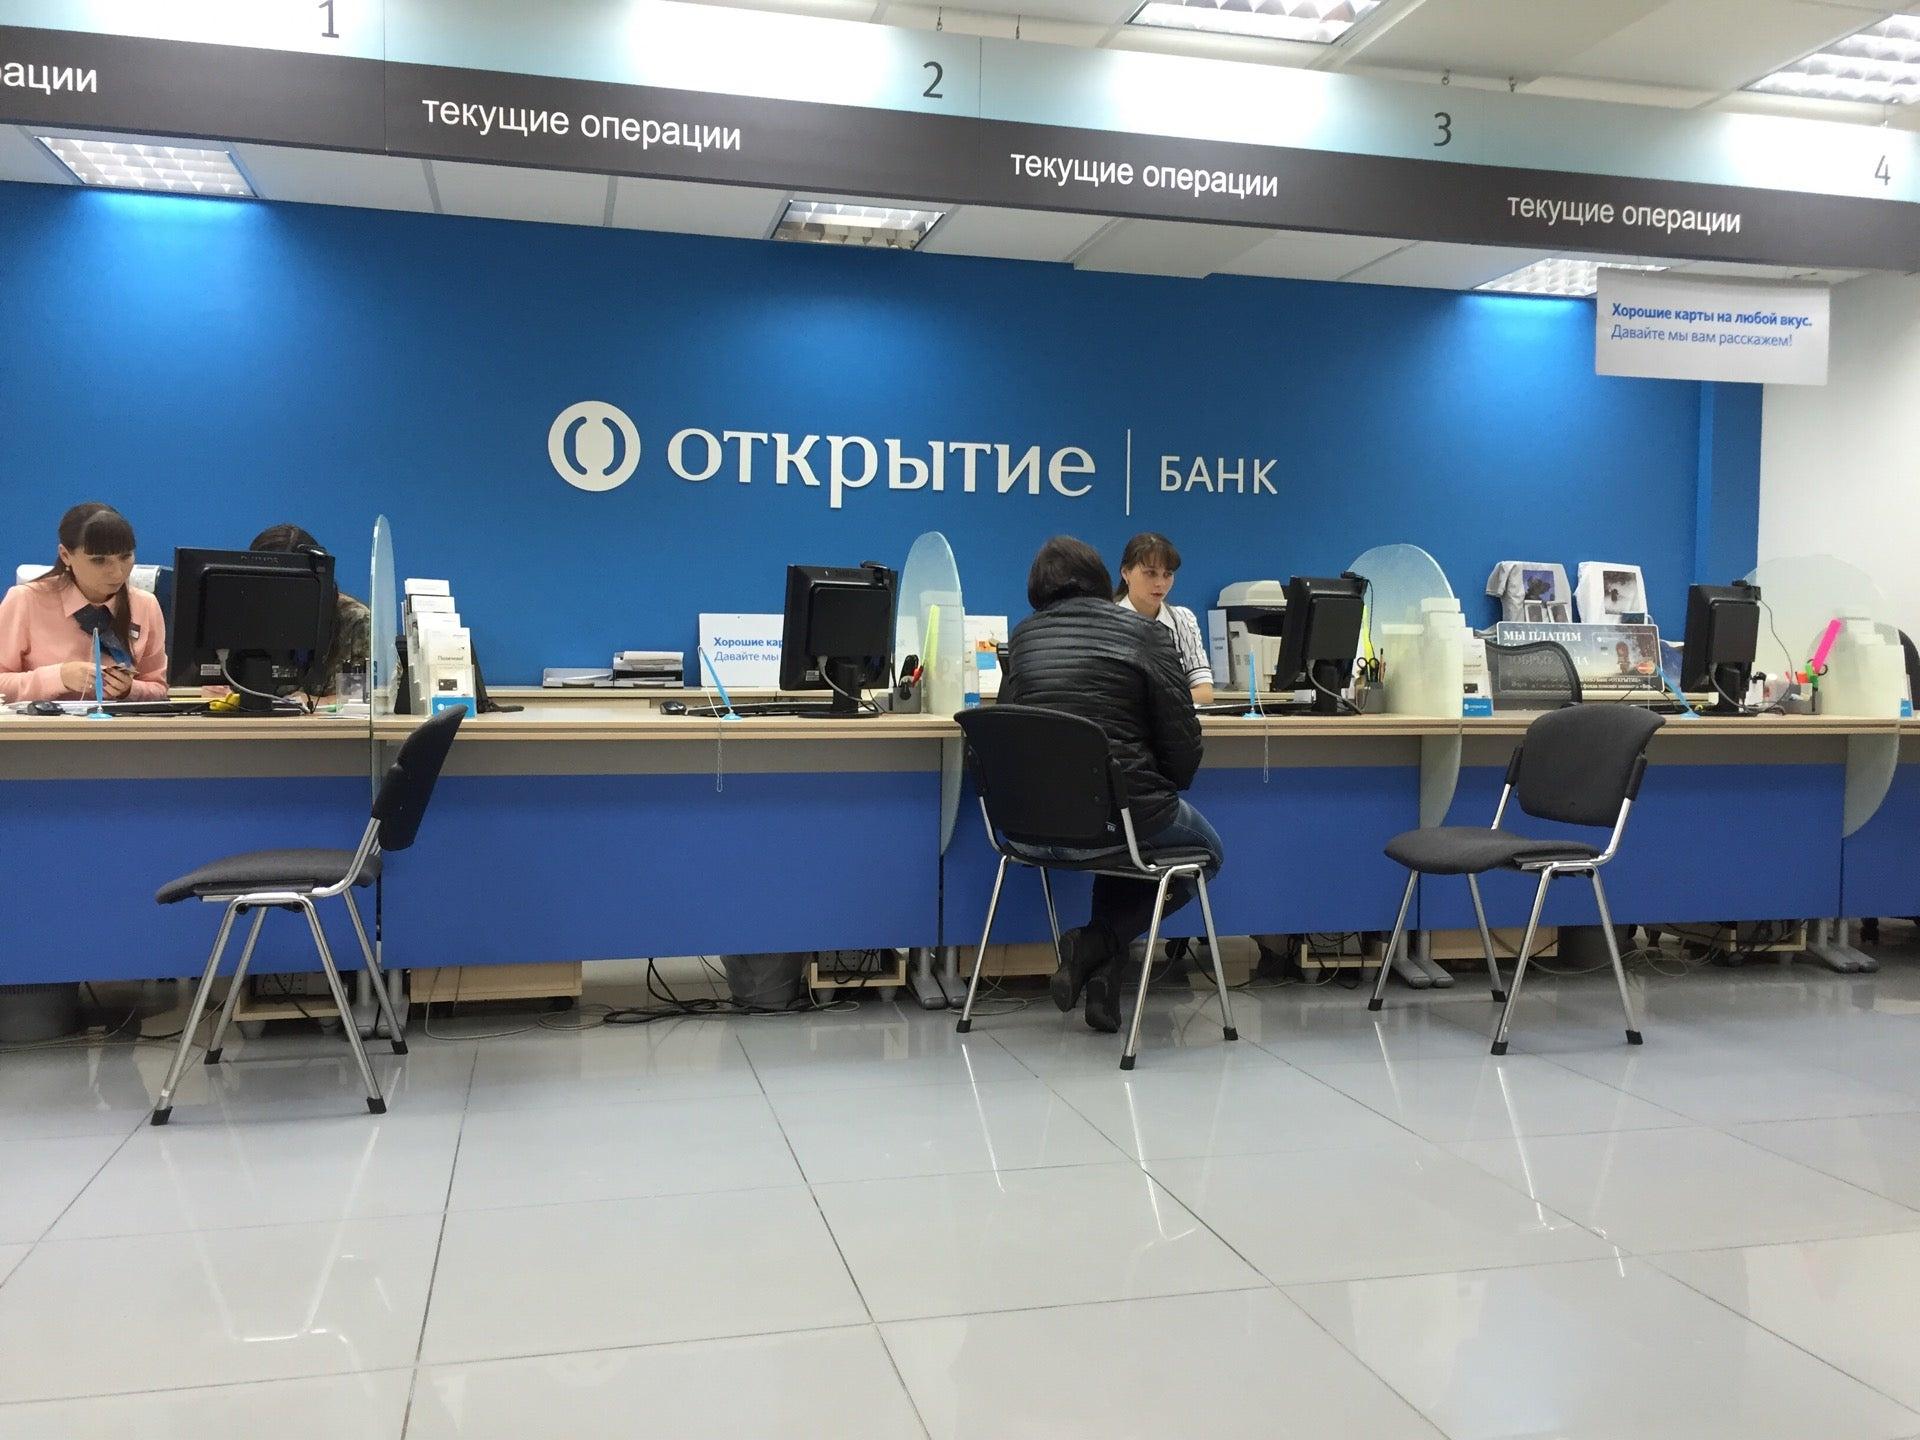 """В партнерстве с банком """"Открытие"""" и Российским экспортным центром eBay запускает специальную программу поддержки предпринимателей"""